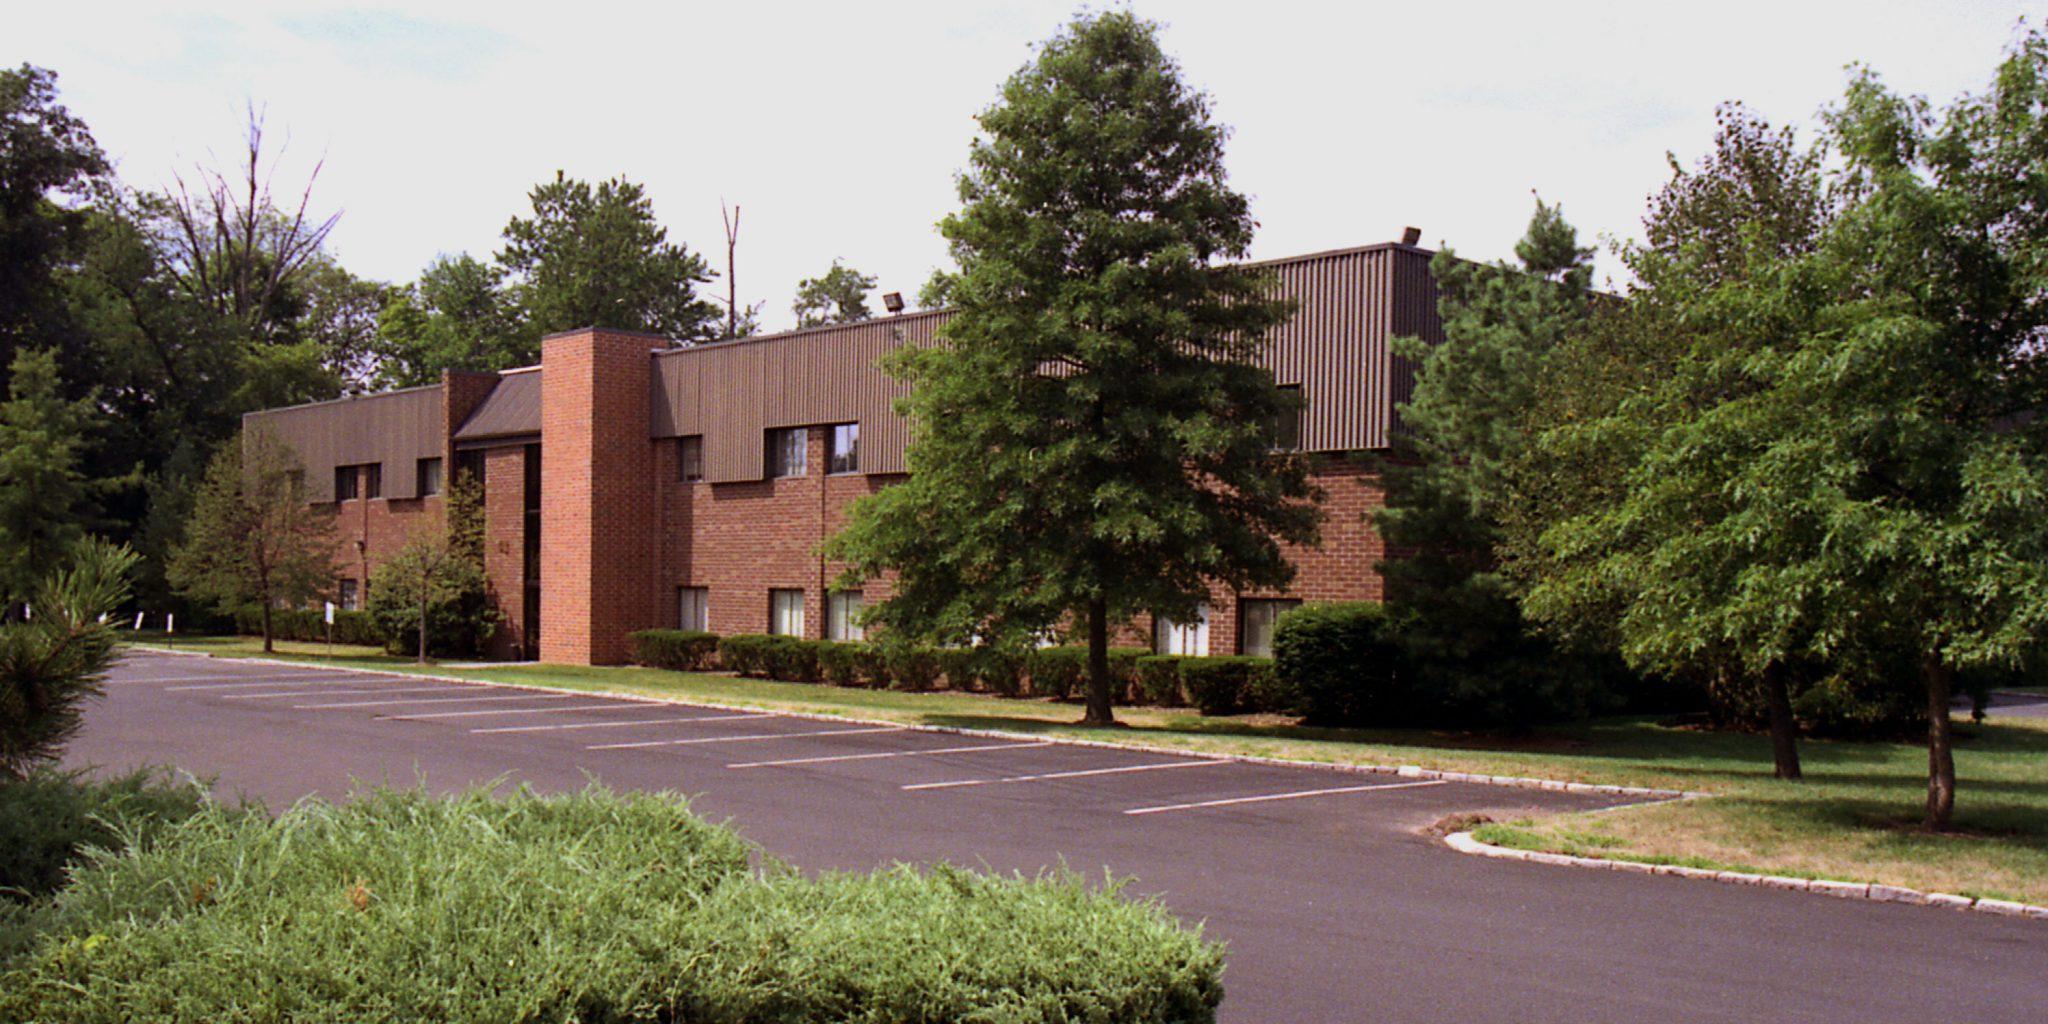 40 Ramland Road – Orangeburg, NY 10962 – 3,700 sq. ft.